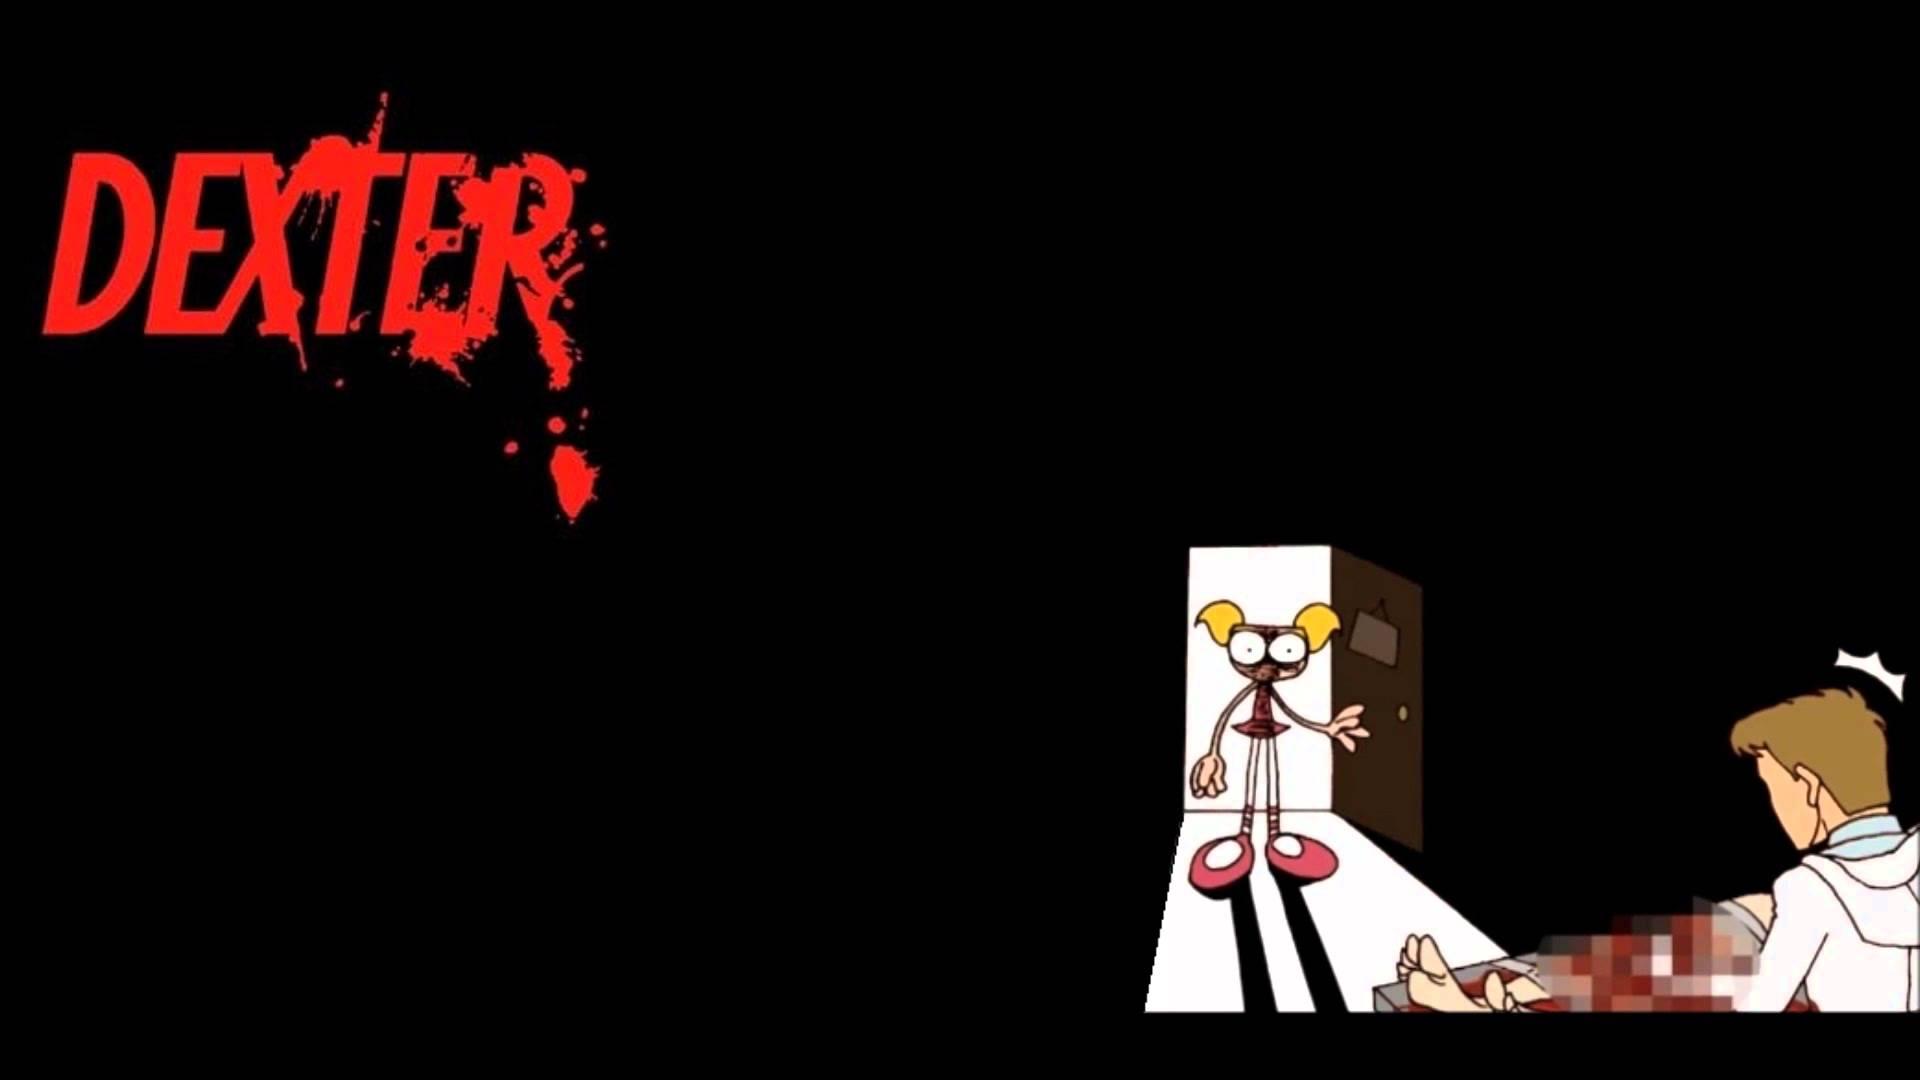 Cartoon Fall Wallpaper 35 Dexter Wallpaper For Desktop